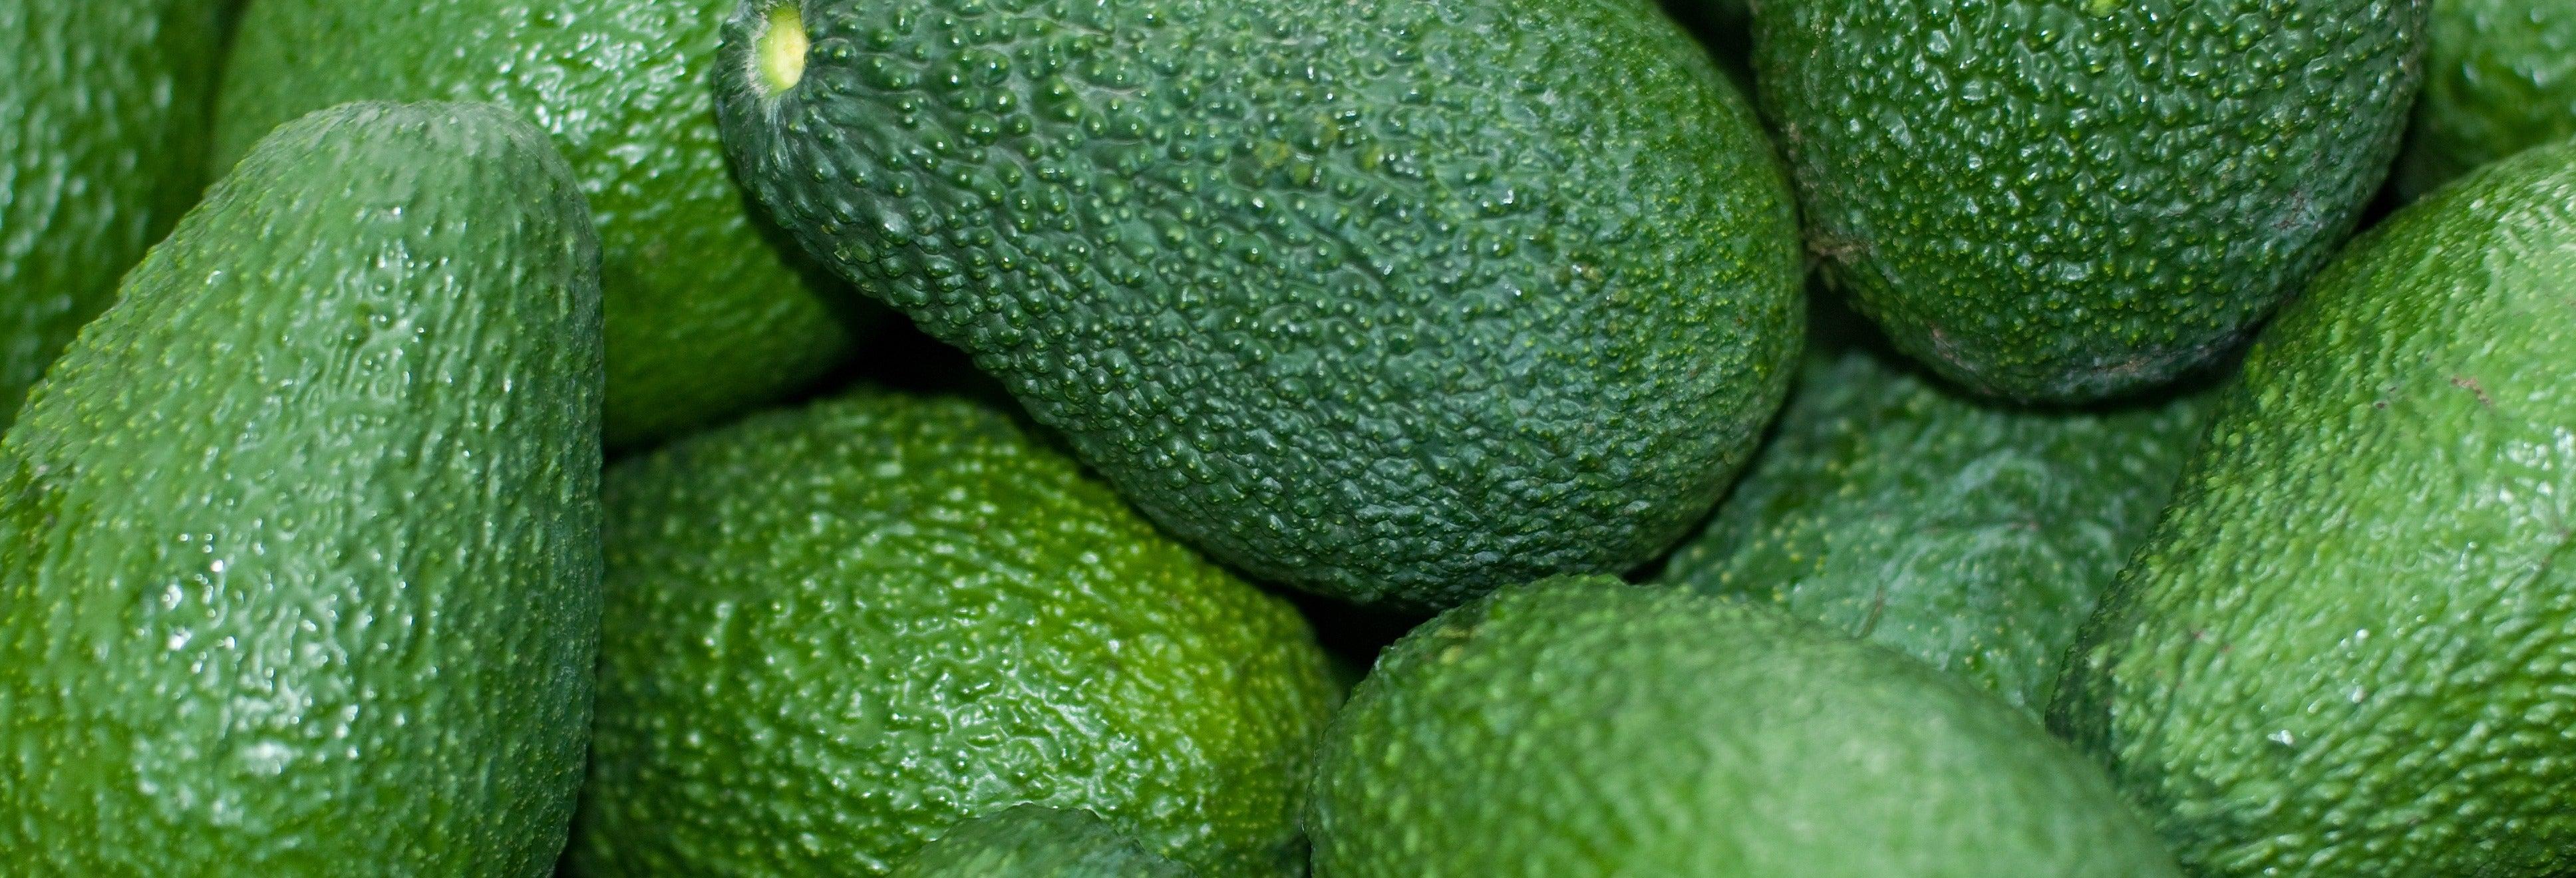 Vélez-Málaga Day Trip